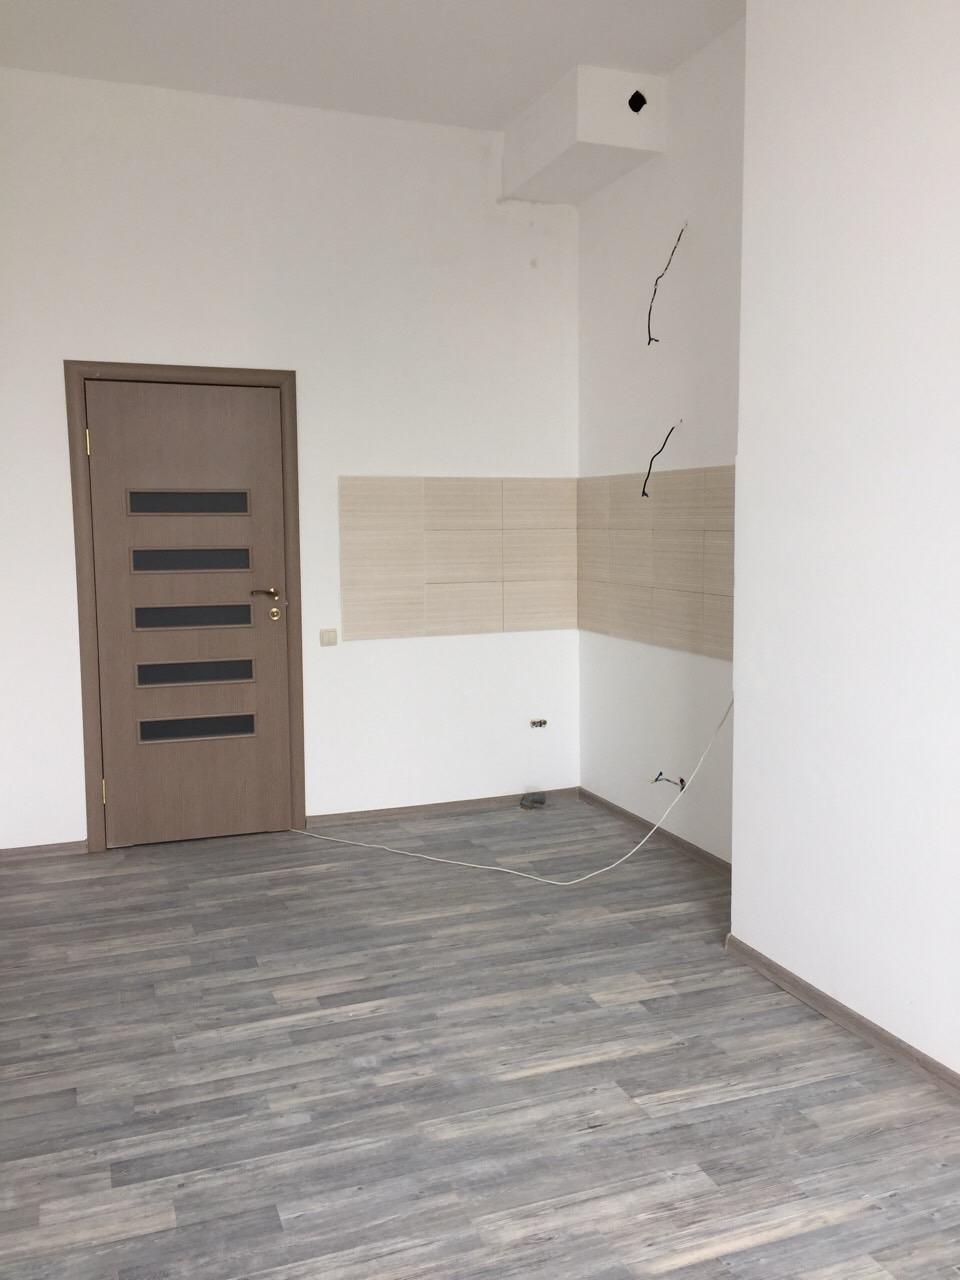 Завершенный ремонт в готовых квартирах: «ожидание» и «реальность»